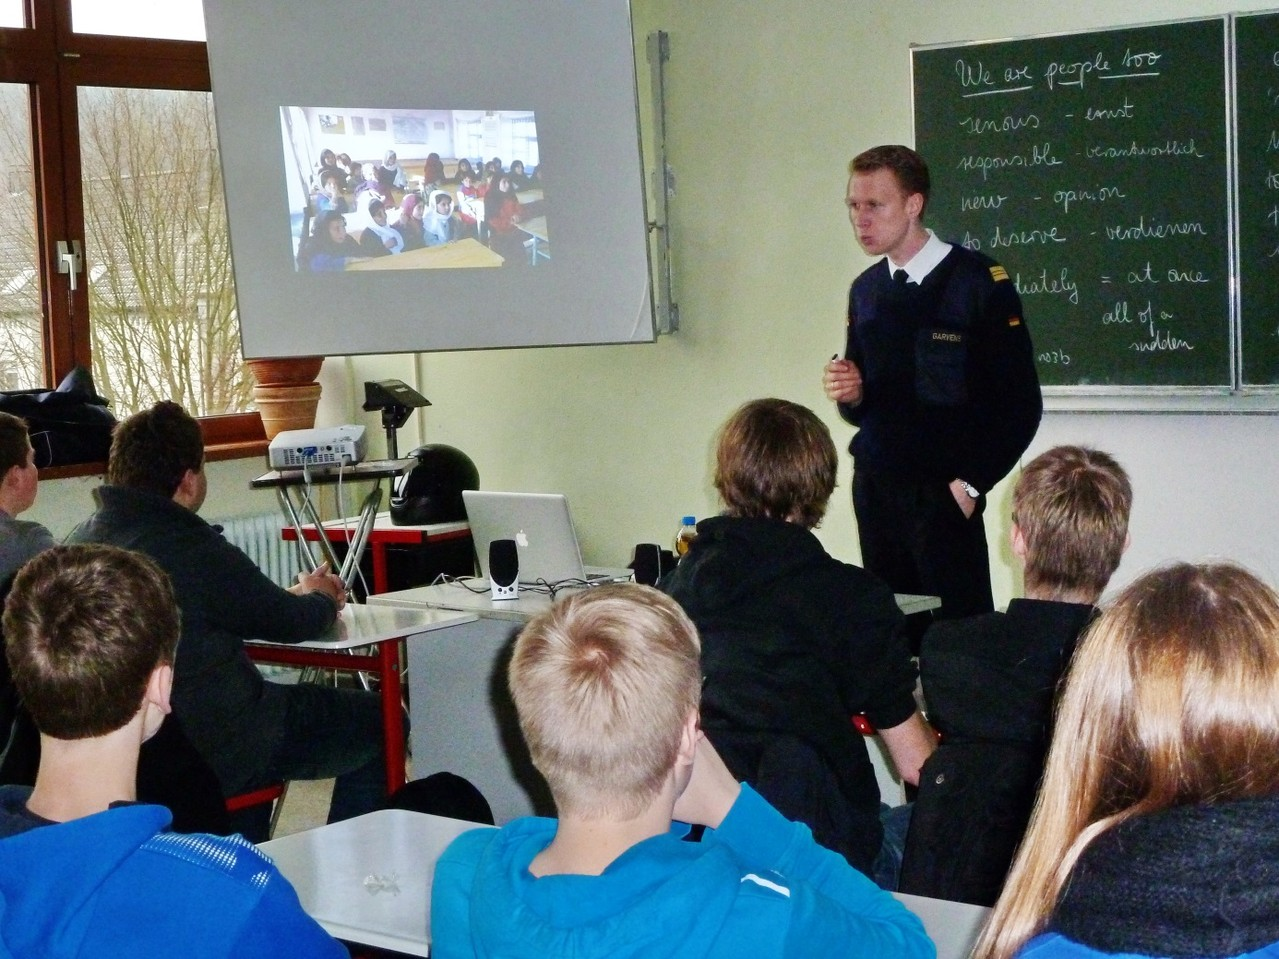 Kapitänleutnant Heiner Garvens, Jugendoffizier Arnsberg, zeigte u.a. Bilder aus Afghanistan.